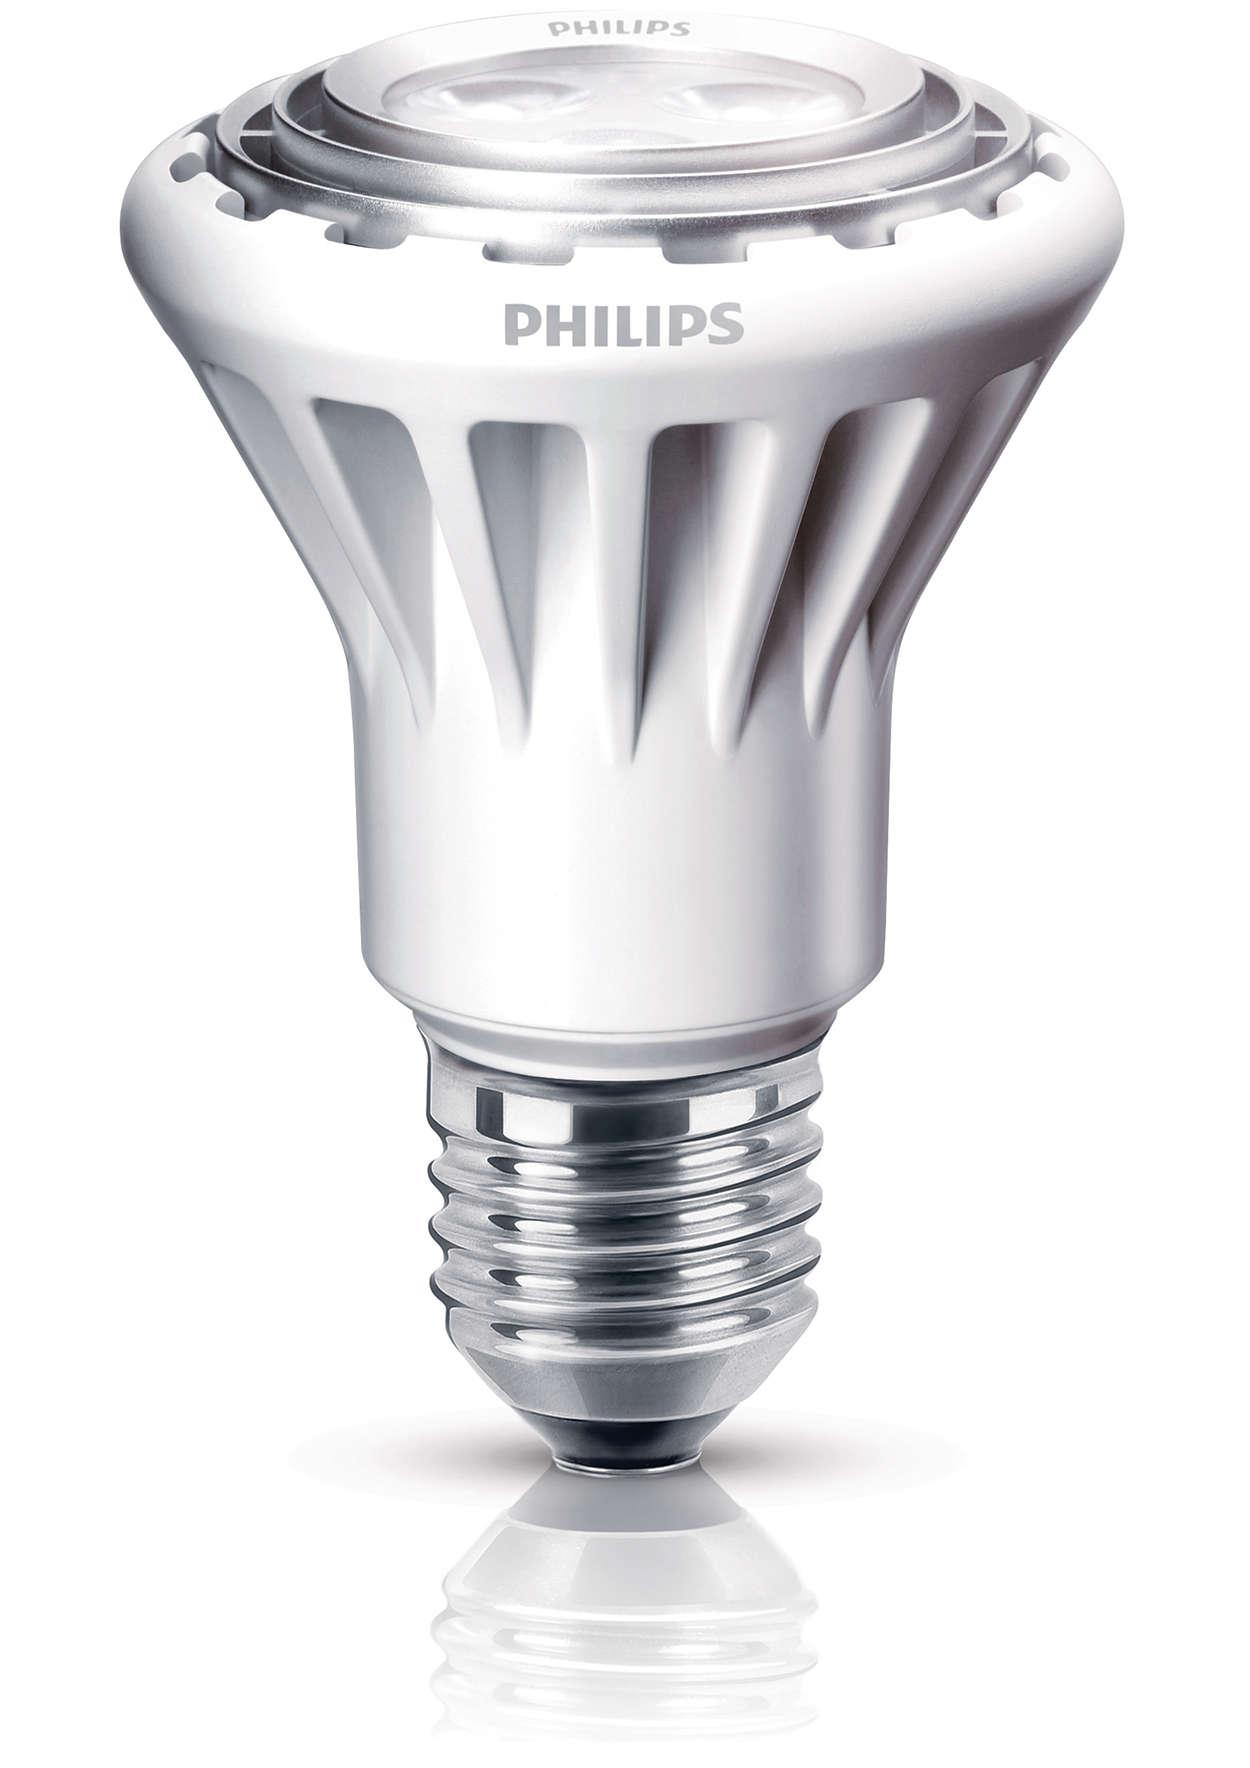 Overené svetlo v spojení s inovačným dizajnom